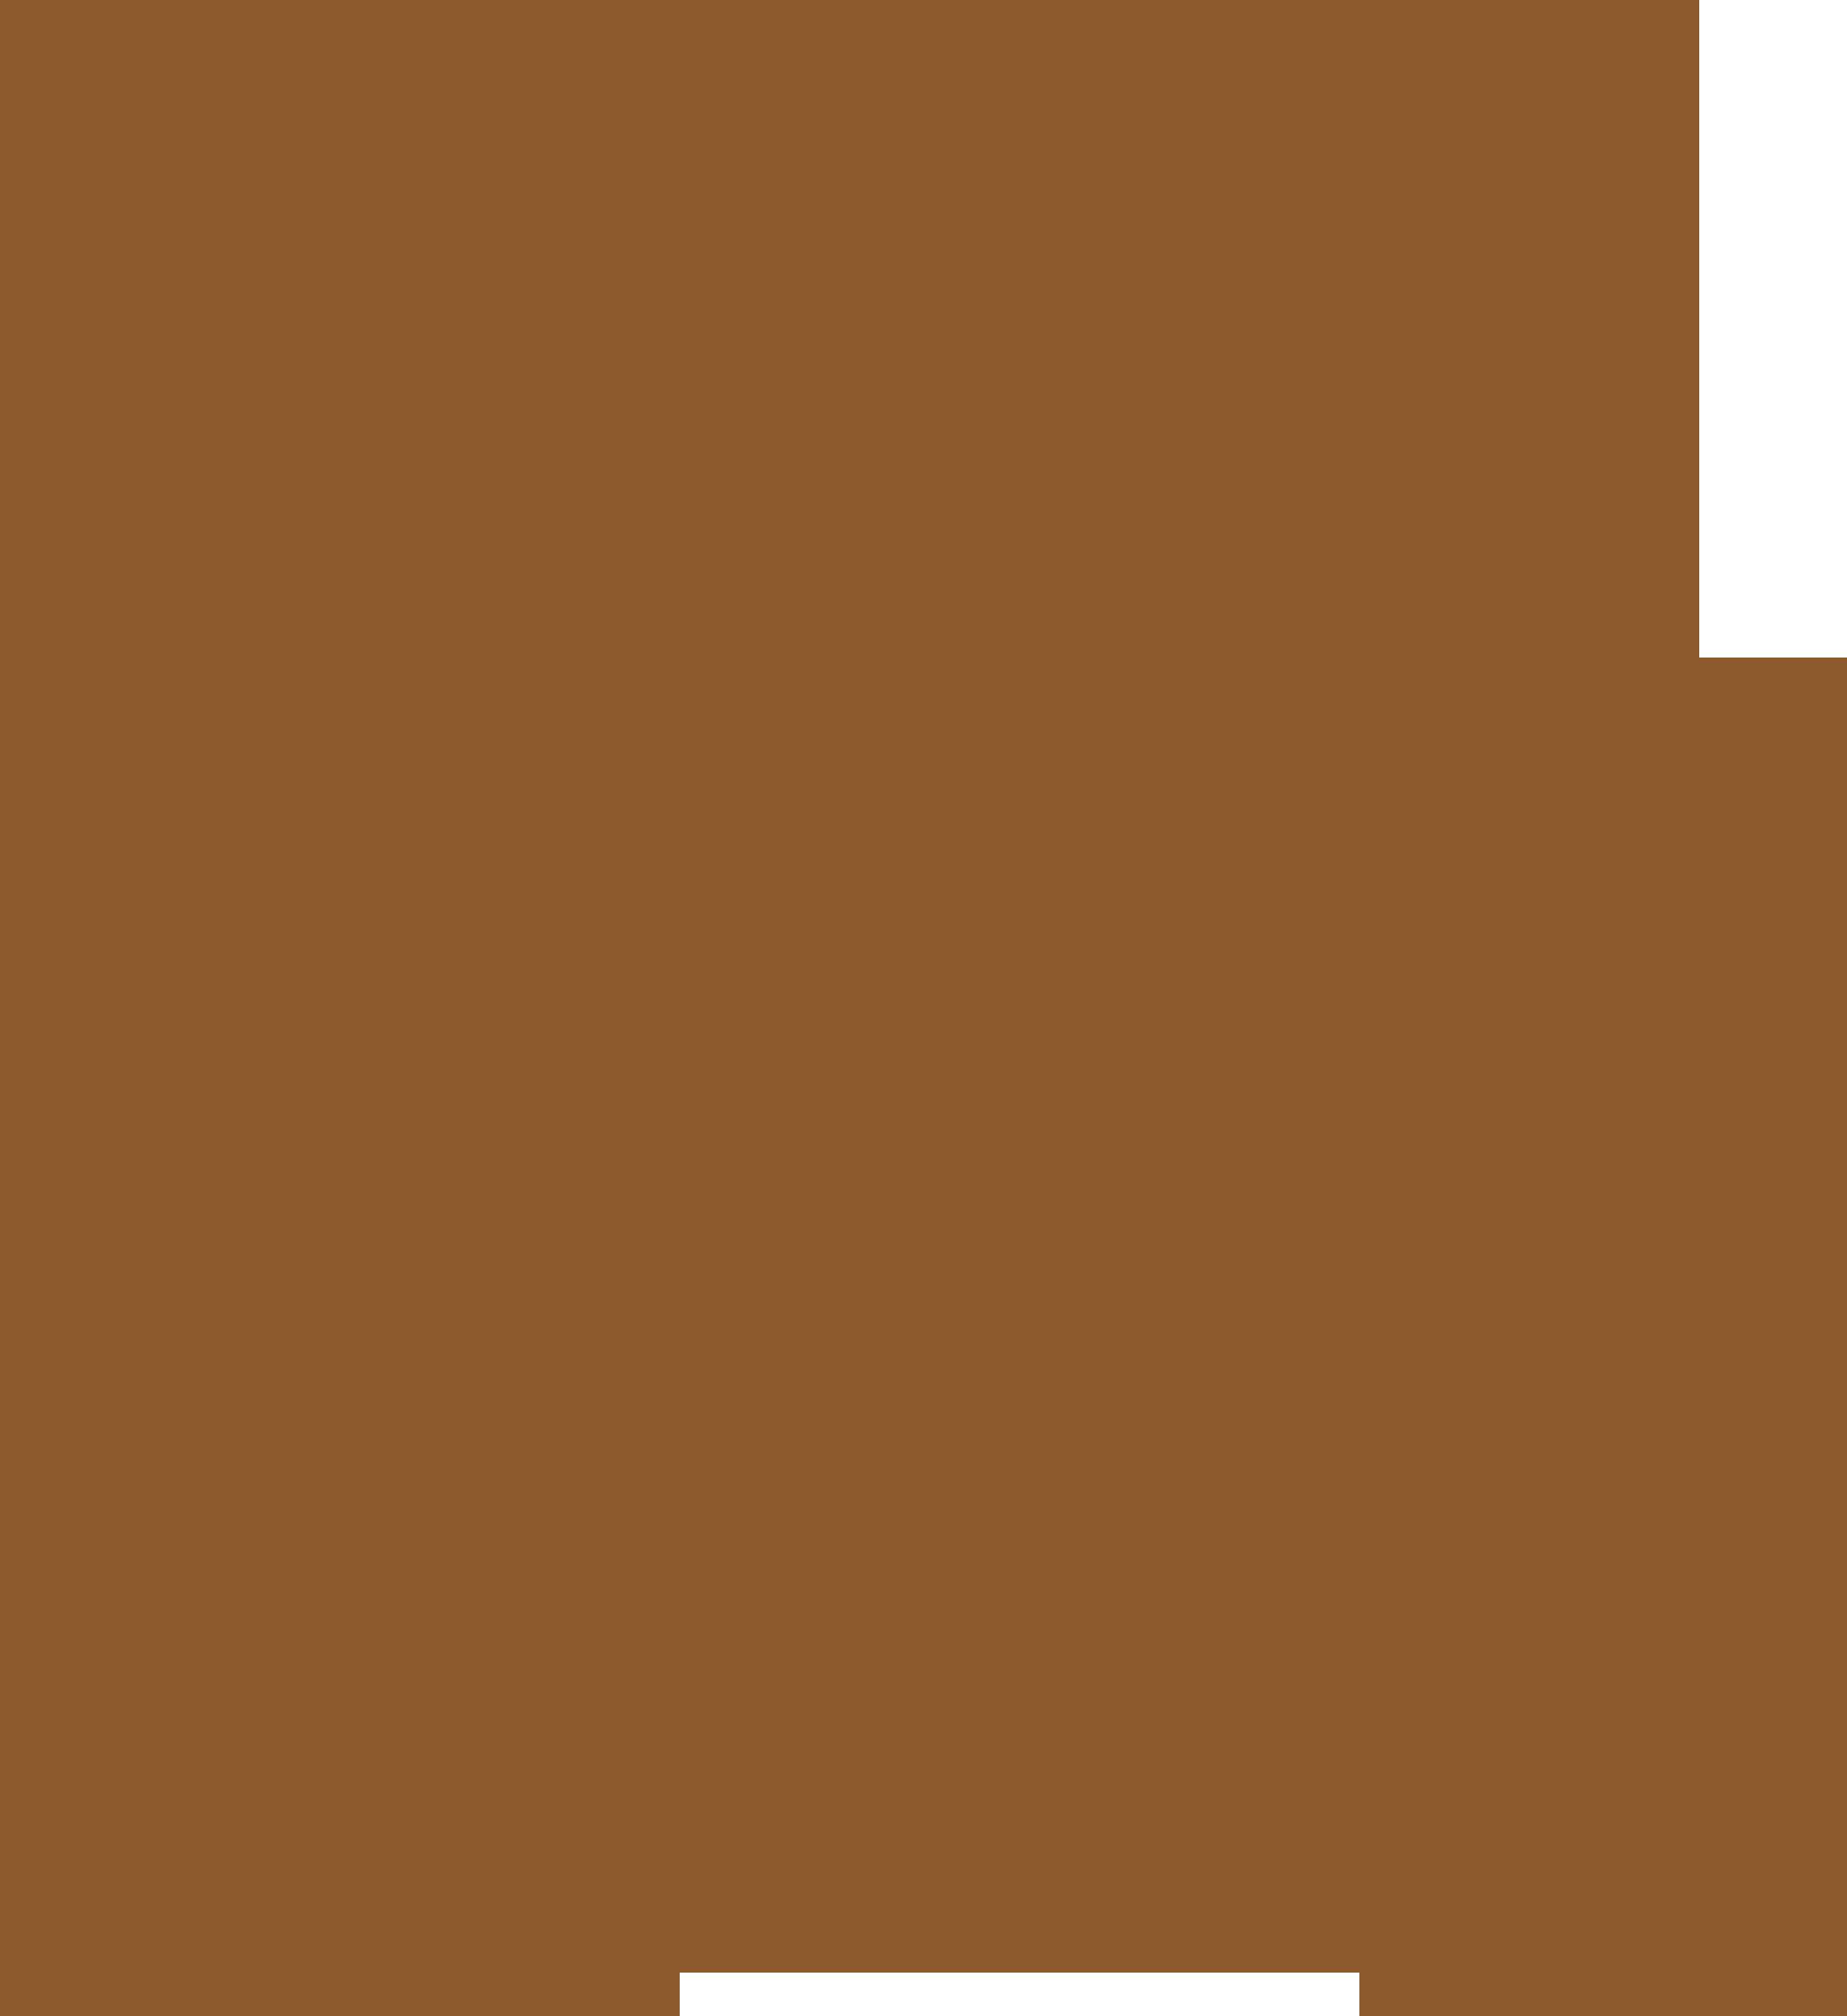 pekárna-velisek-logo-průhledné-2000px